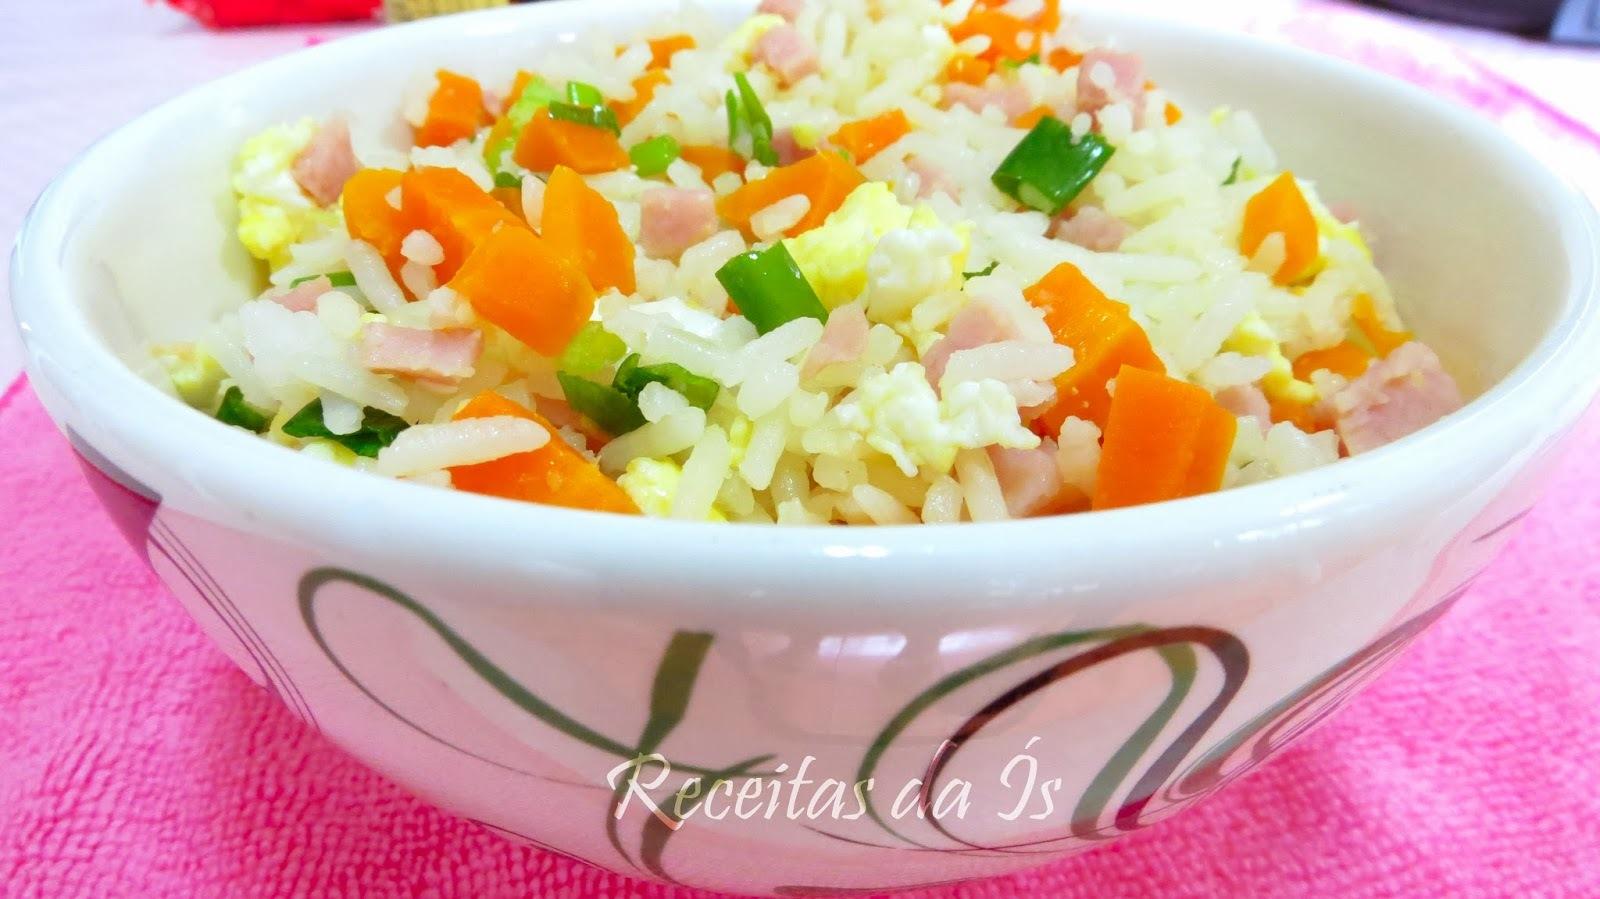 de arroz com peito de frango cenoura e milho verde